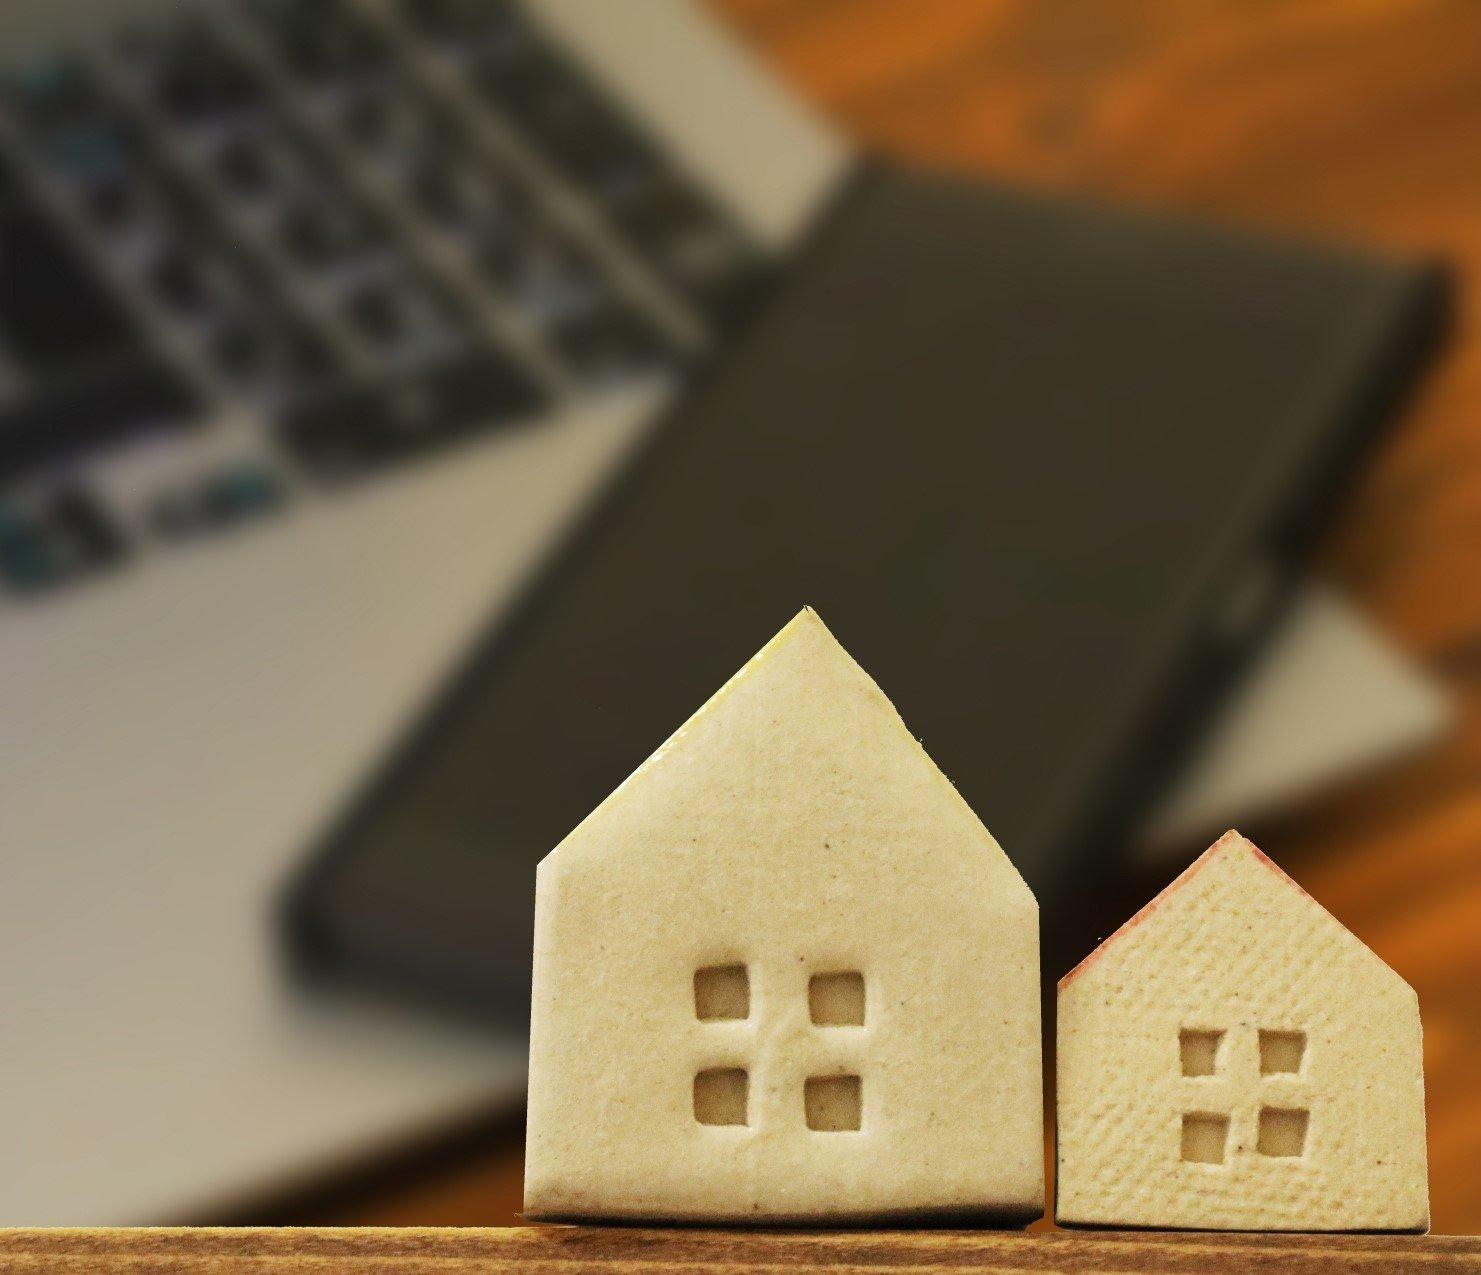 メルマガ登録割引 住宅購入相談のイメージその1